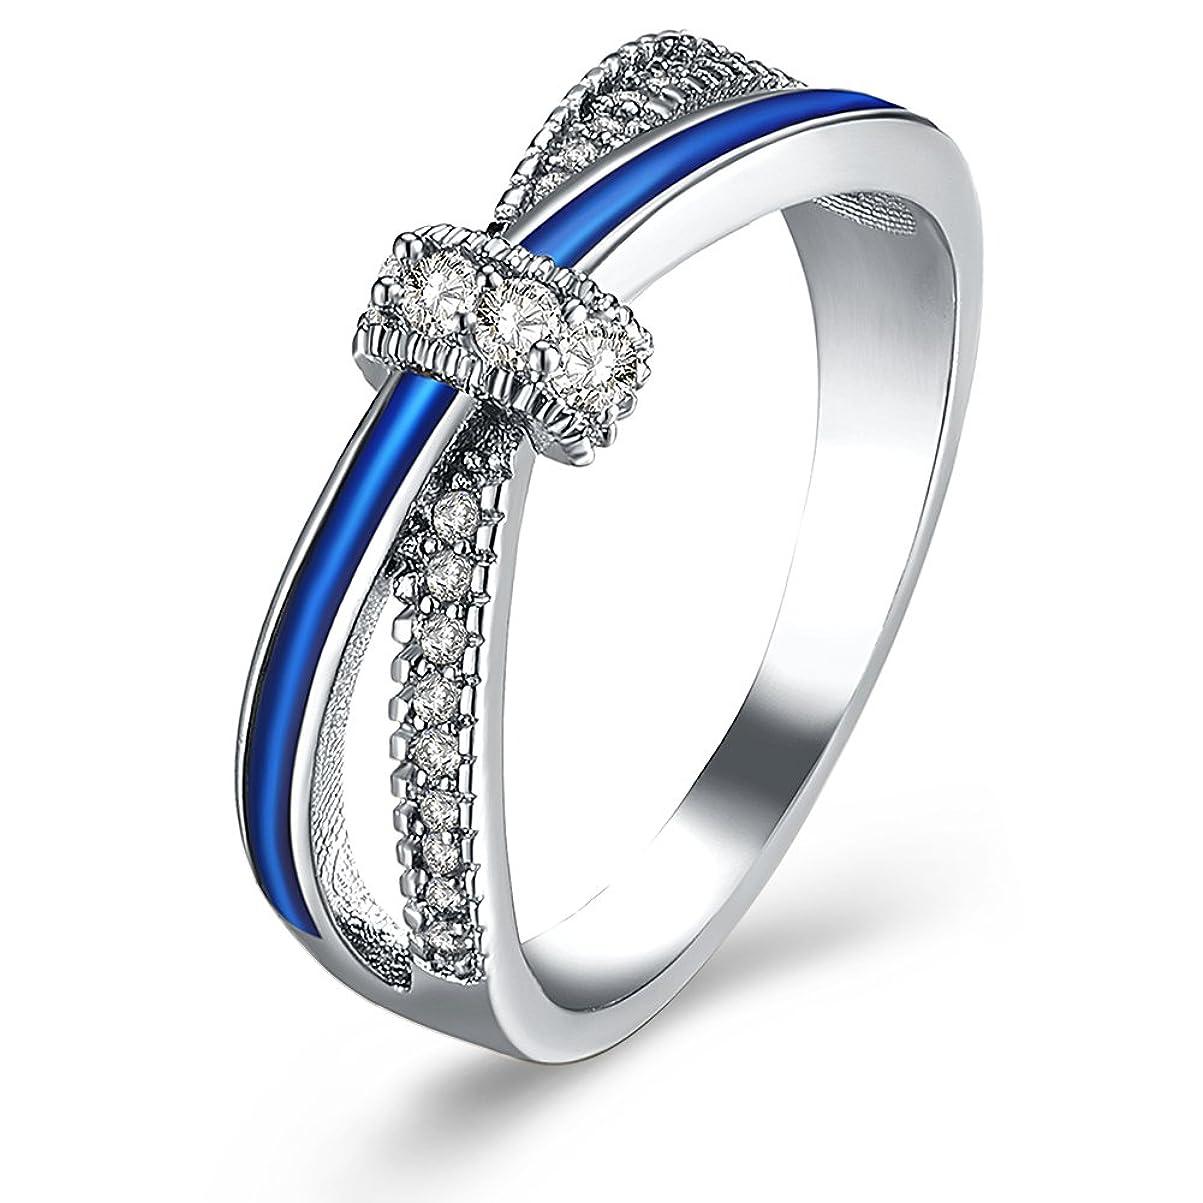 ベアリングあざ囚人カップルの指輪 バレンタインデーのプレゼント 婚約指輪 気質がよく売れる アレルギー防止 指輪のネックレス 男女が着用することができます